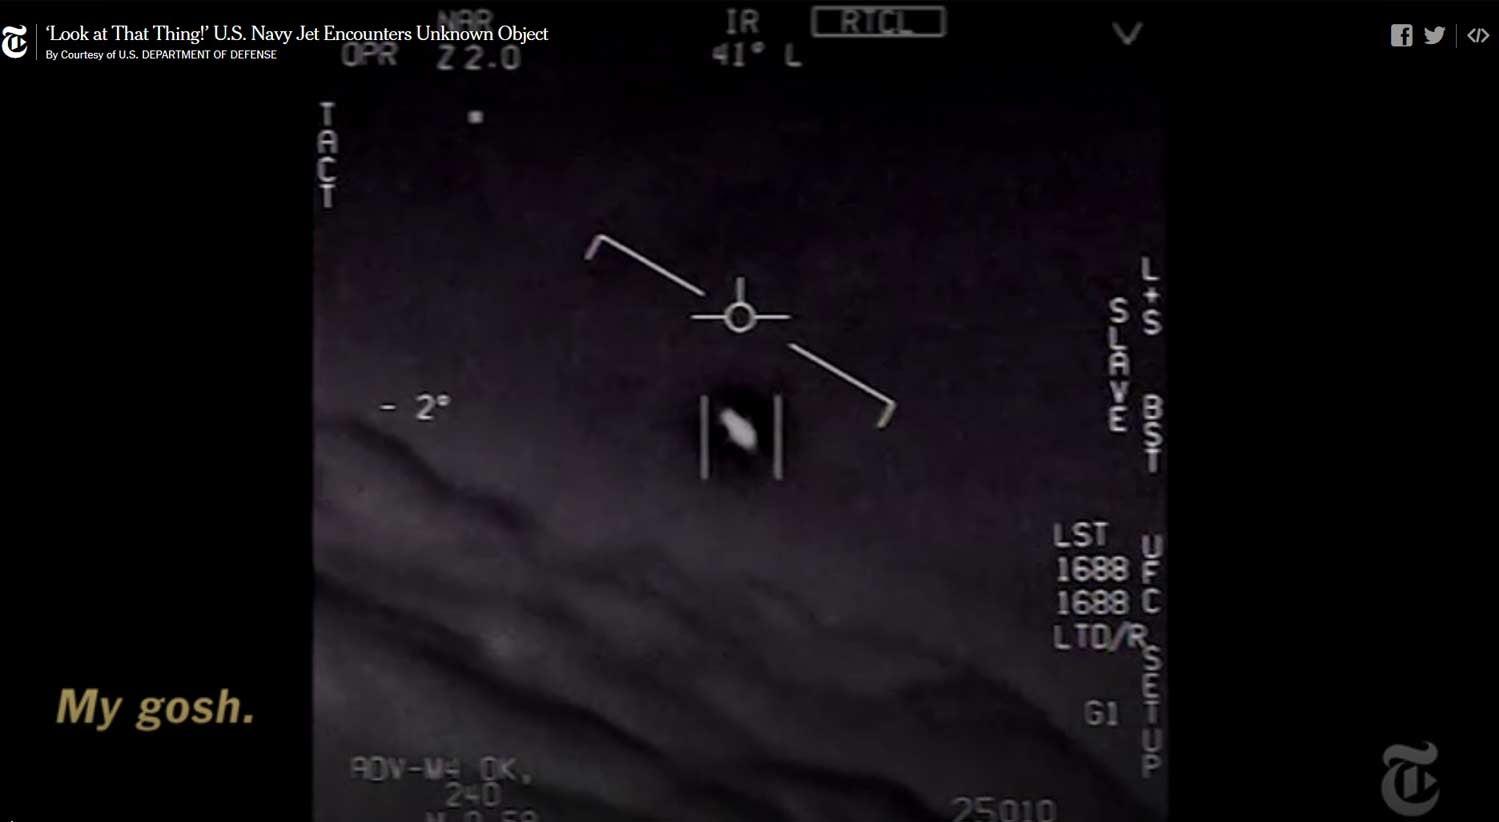 Pentágono a investigar OVNIs